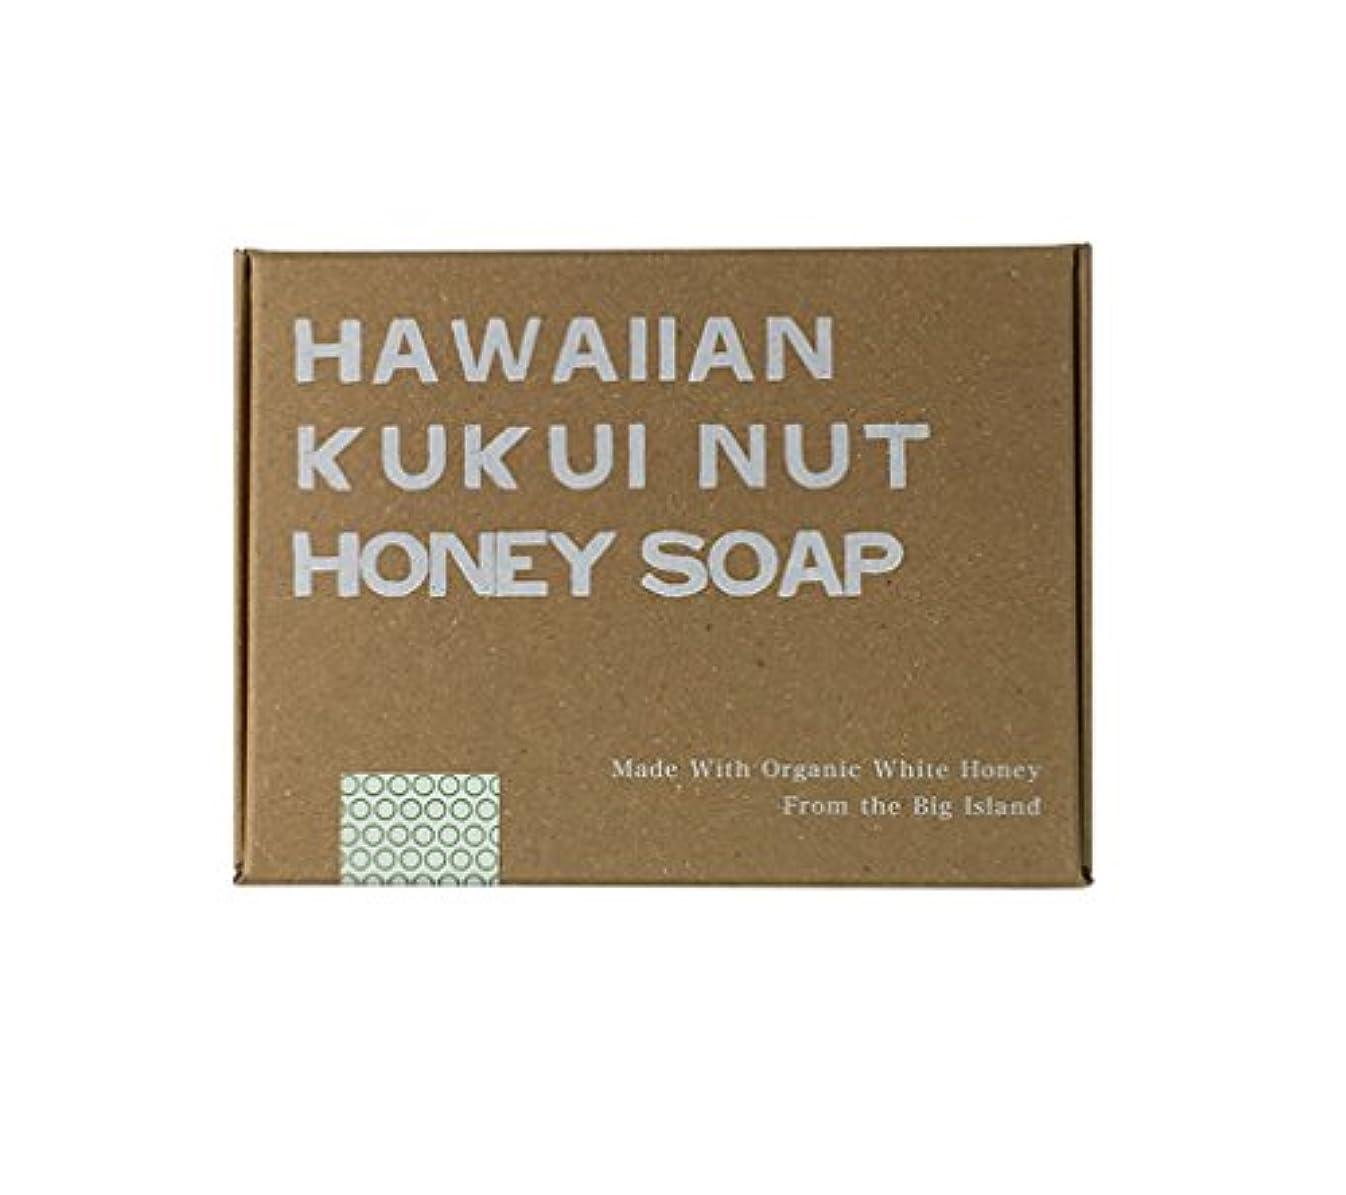 冷酷な嫌なスロベニアホワイトハニーオーガニクス ハワイアン?ククイ?ハニーソープ(無香料)(Hawaiian Kukui Honey Soap)